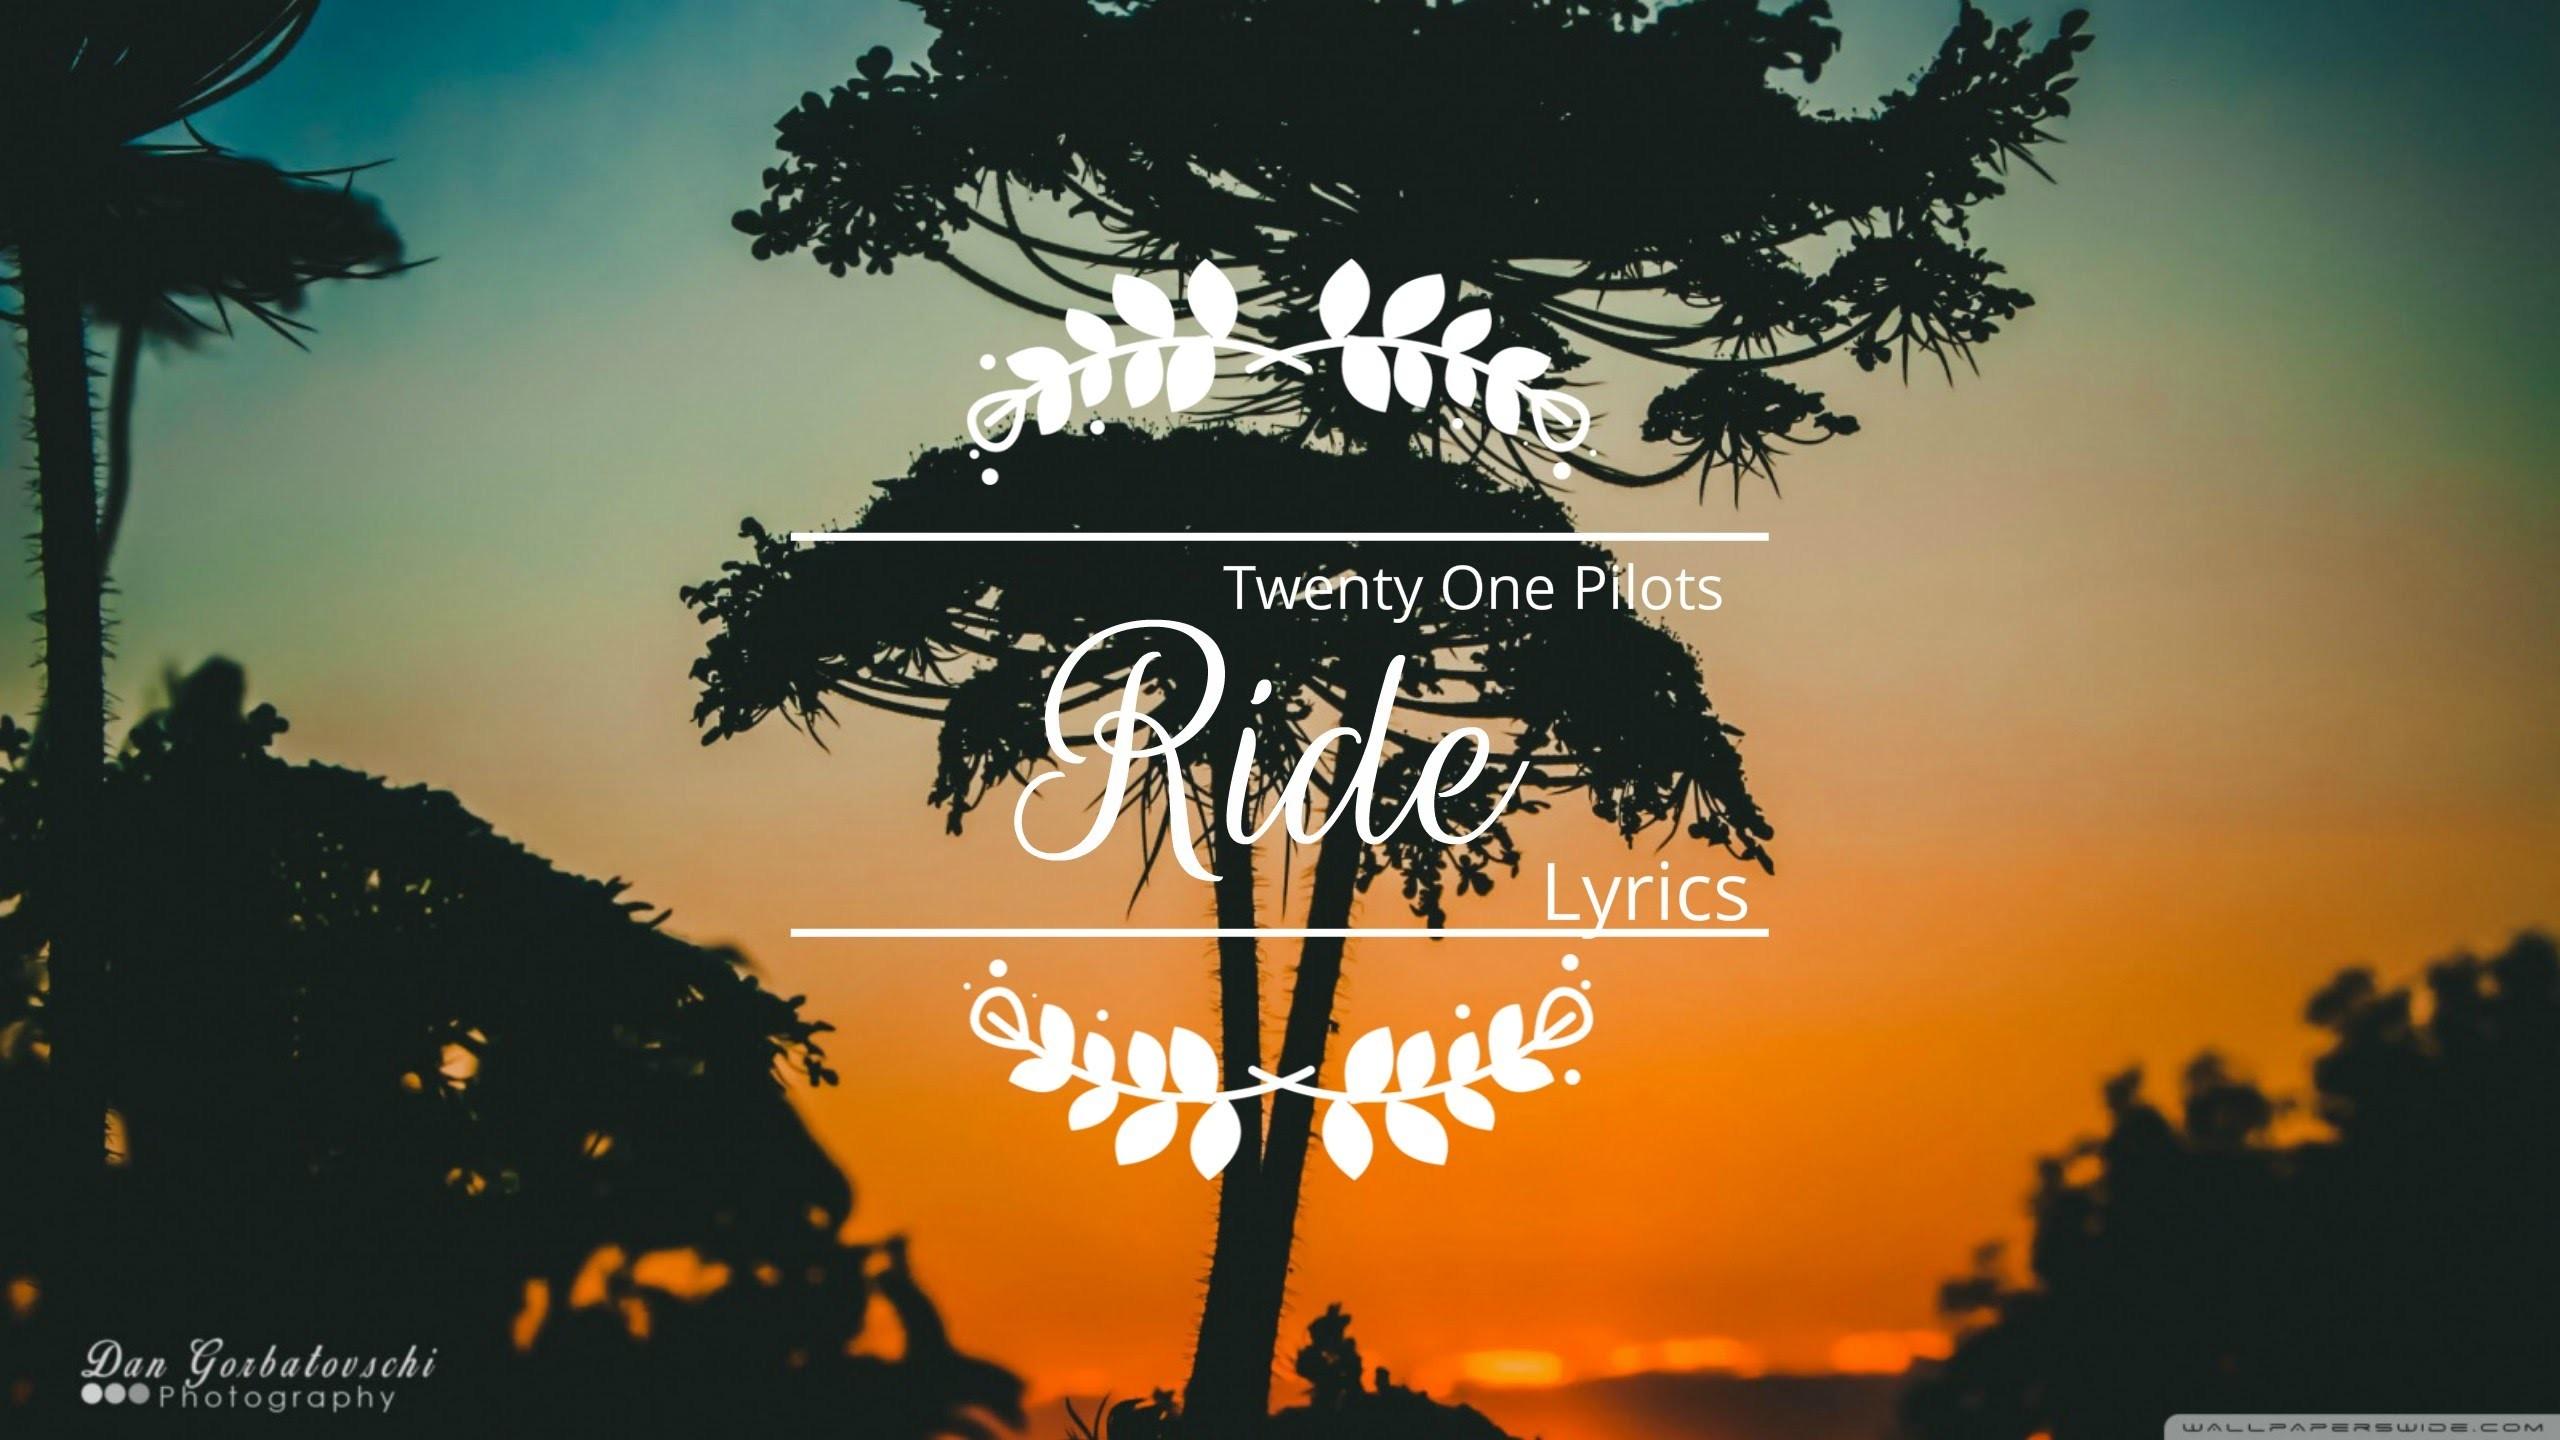 Ride | Twenty One Pilots | Lyrics